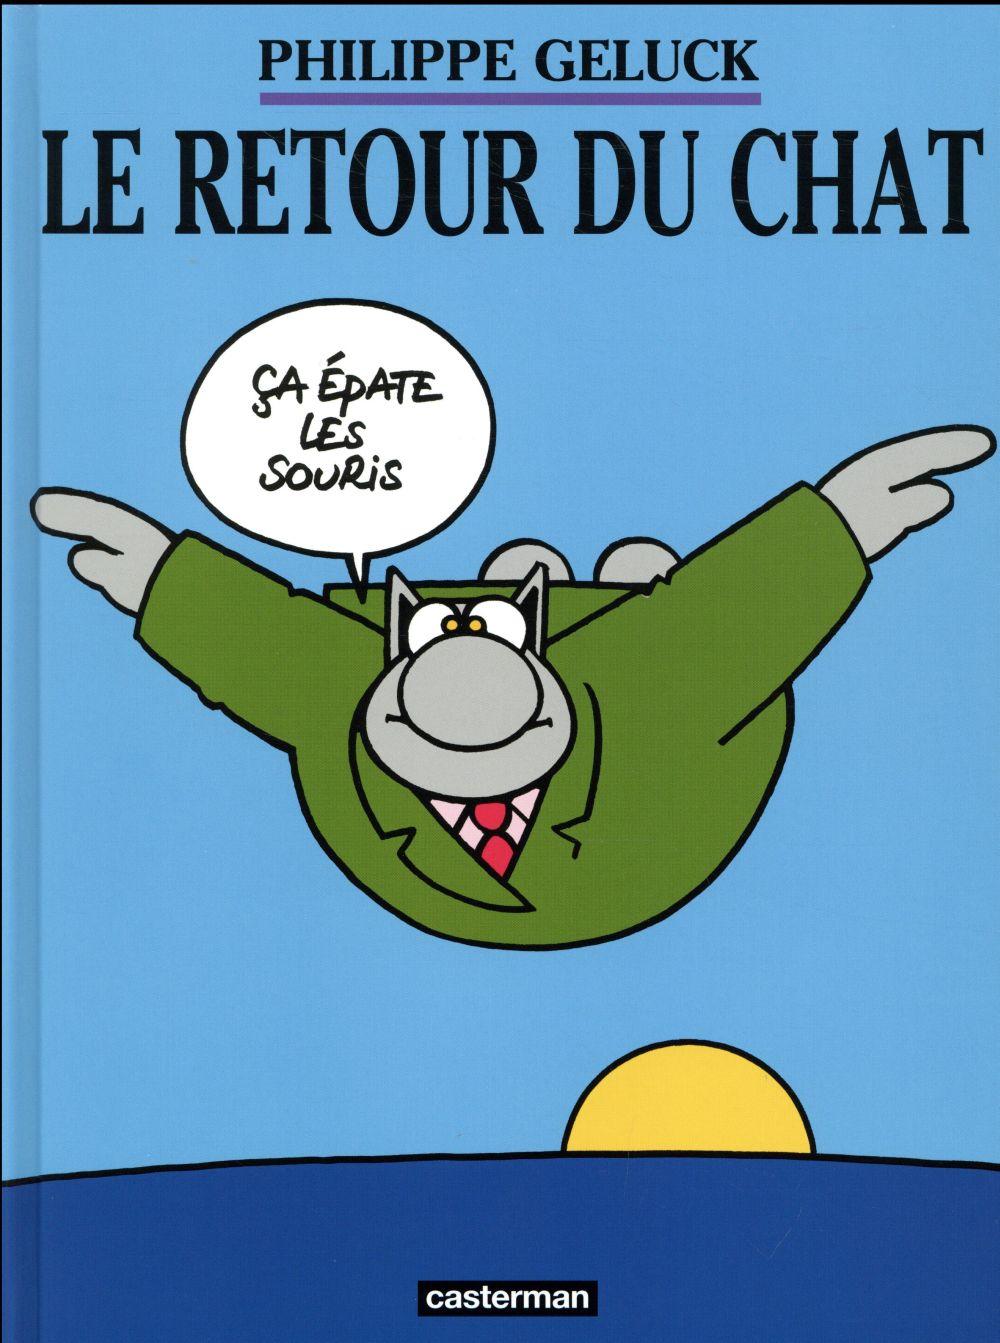 LE CHAT T.2  -  LE RETOUR DU CHAT GELUCK/PROCUREUR CASTERMAN